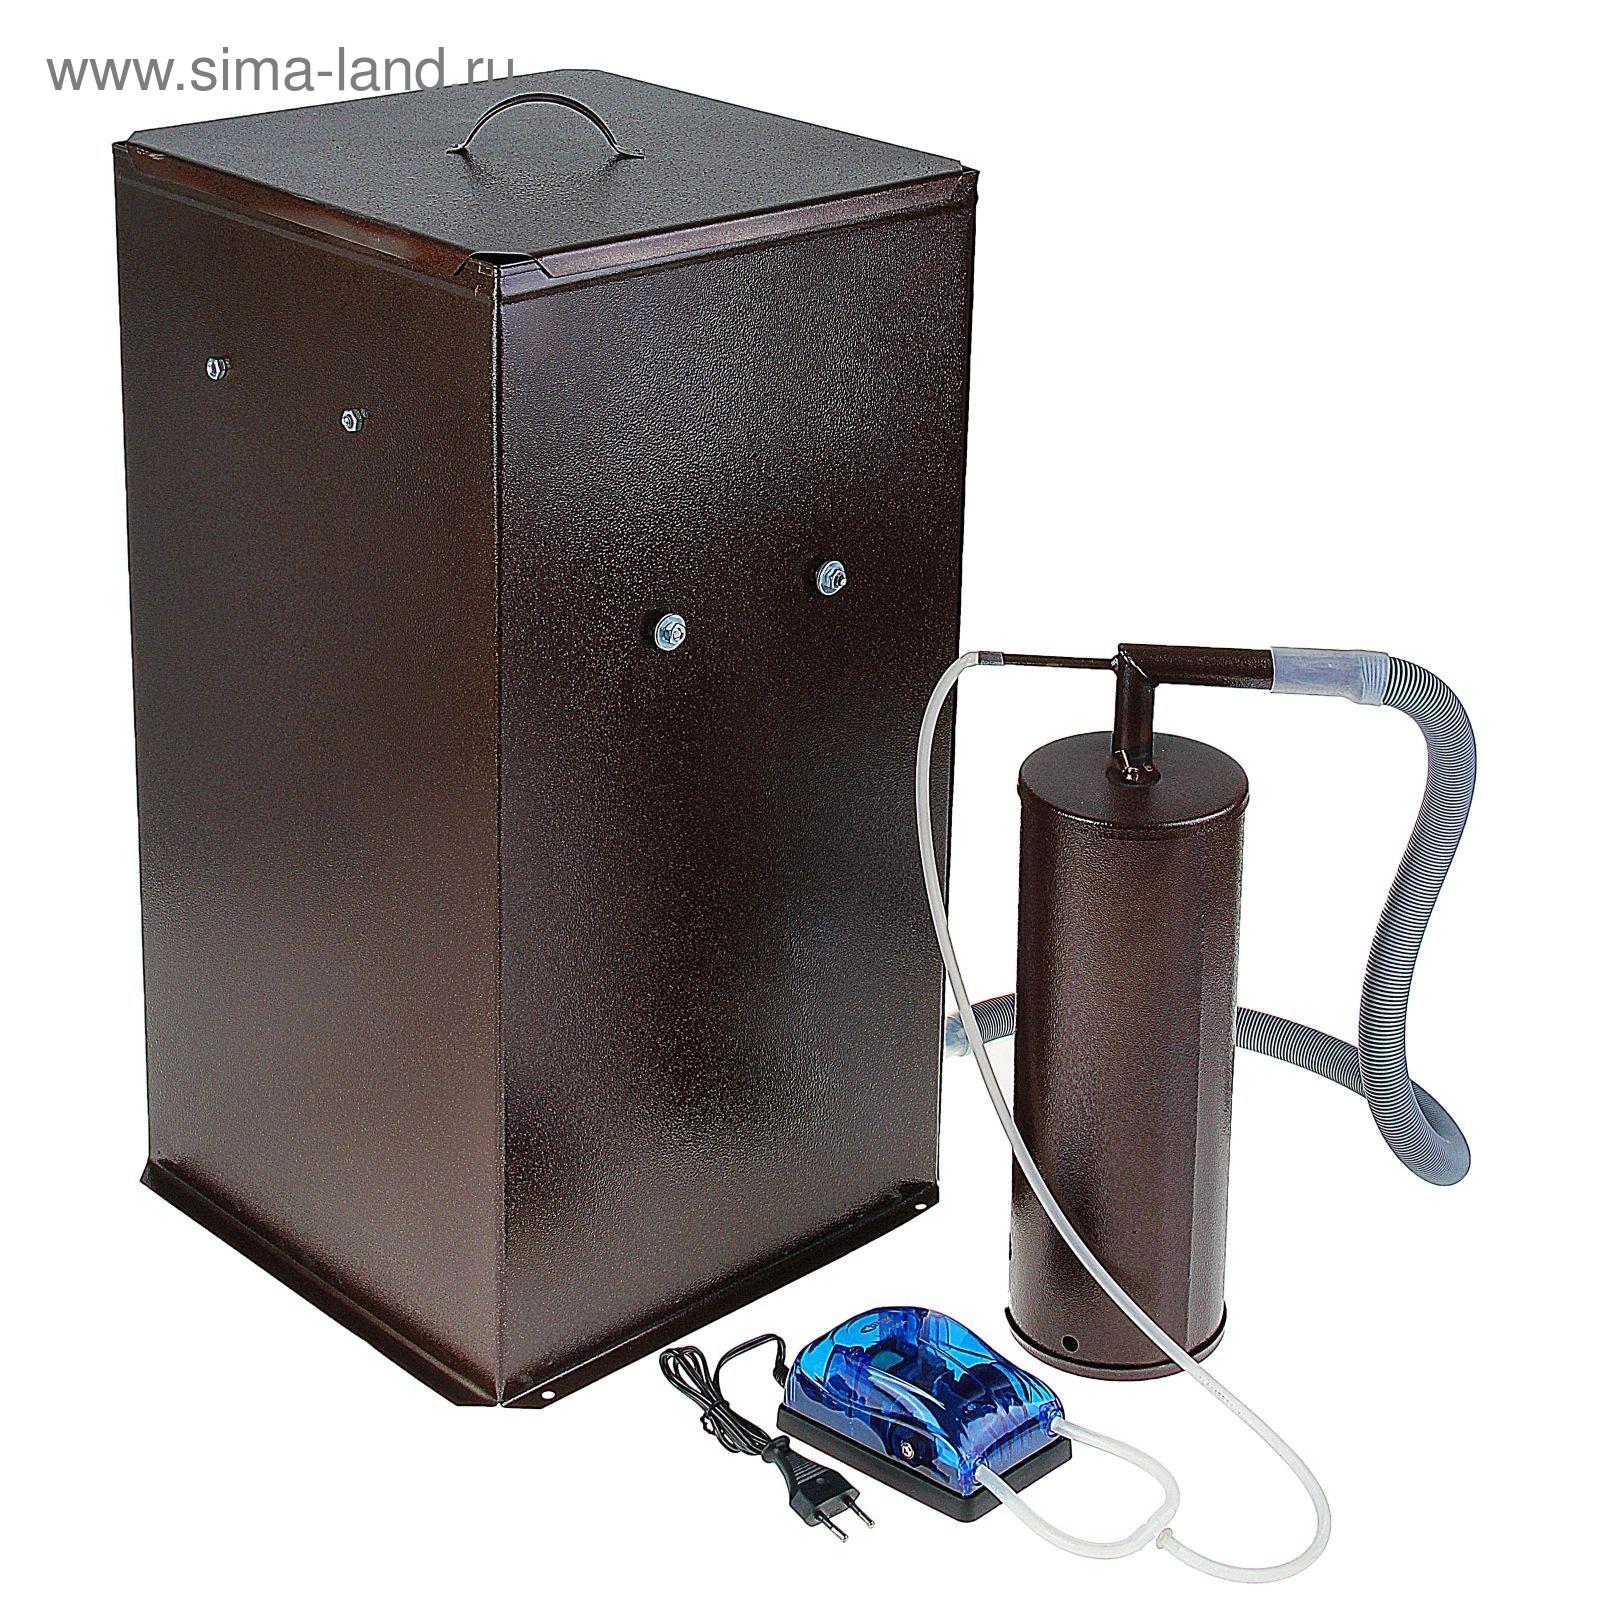 Коптильня холодного копчения электрическая купить купиь самогонный аппарат